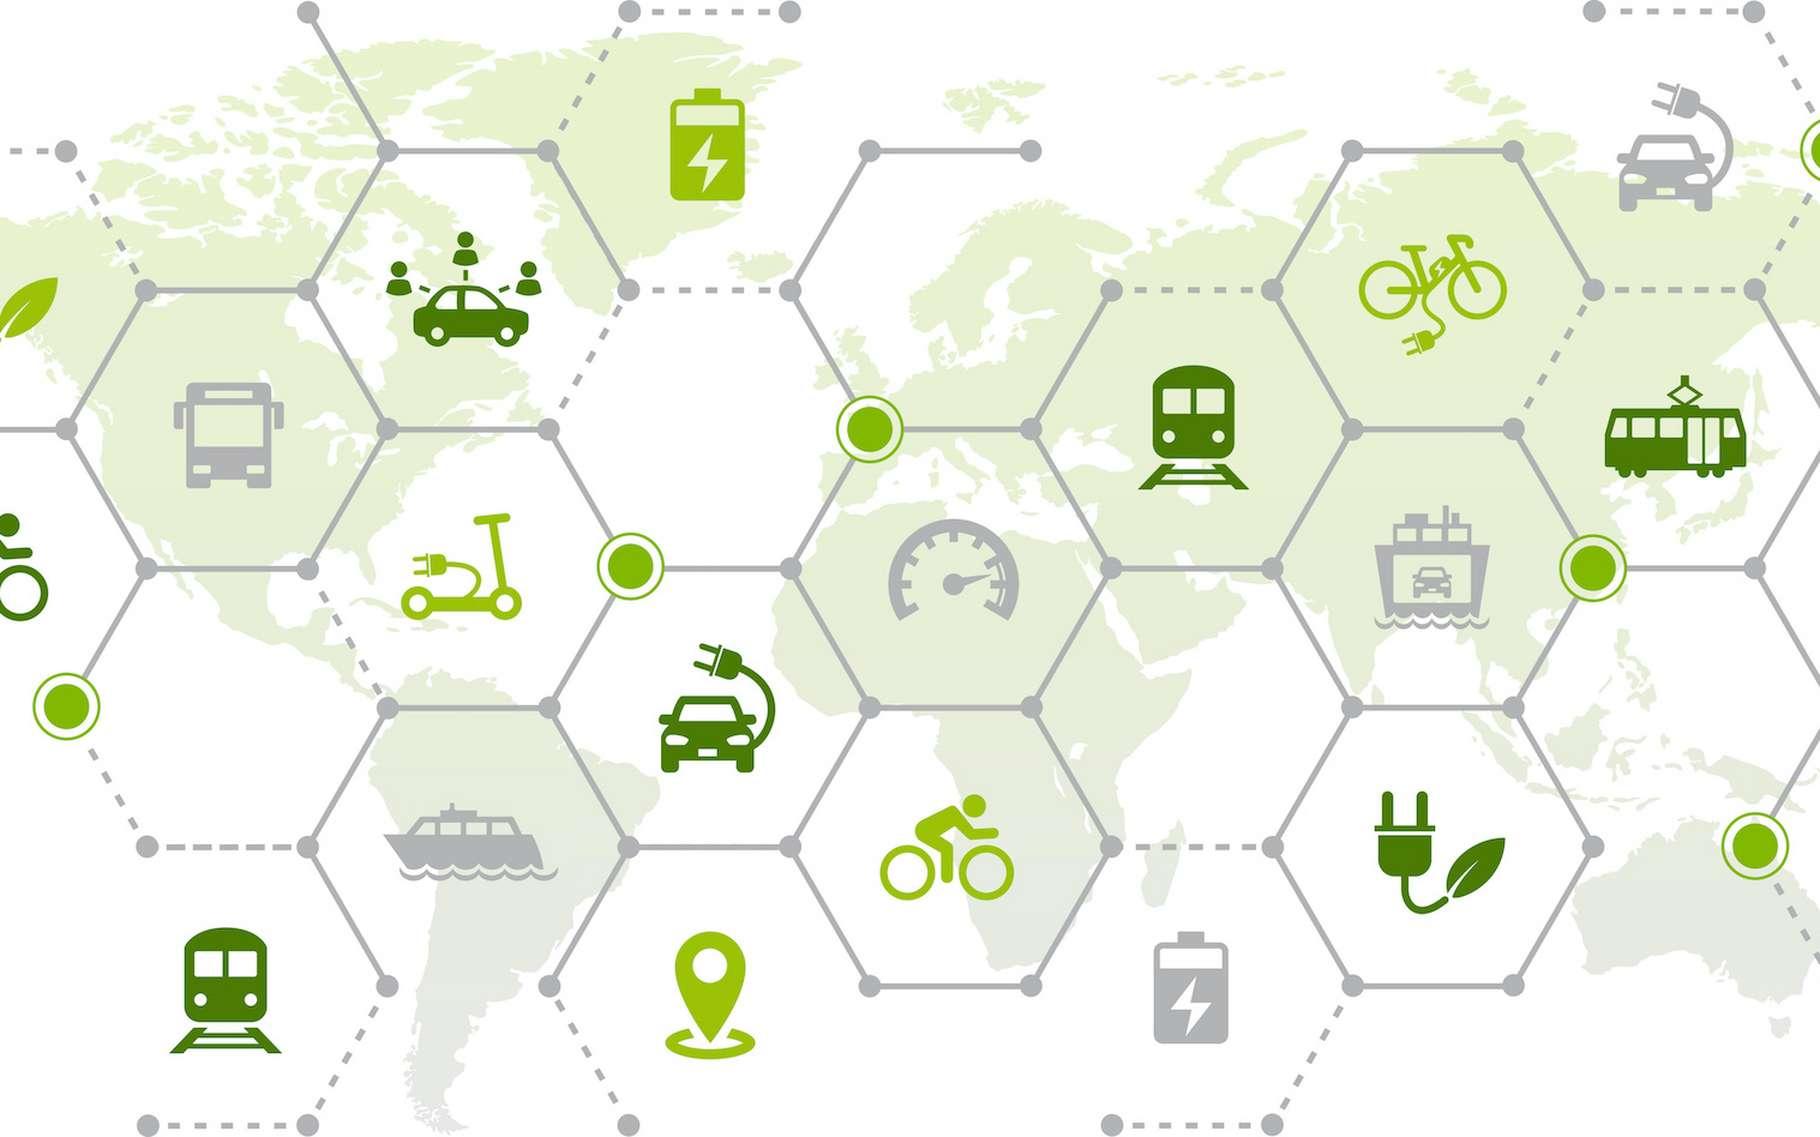 Pour rendre la mobilité plus durable, il existe déjà plusieurs solutions. Et d'autres restent à imaginer. © j-mel, Adobe Stock